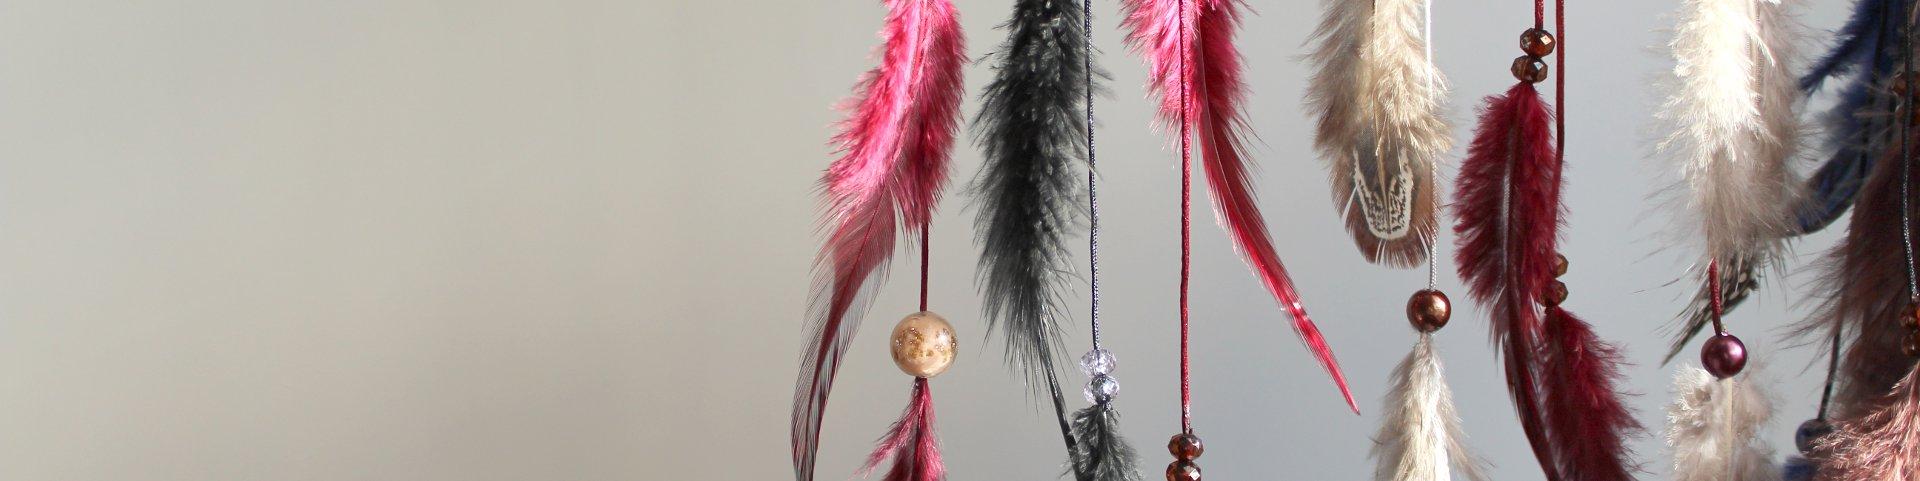 Déco plumes : bijoux boucles d'oreilles, colliers et sautoirs faits main